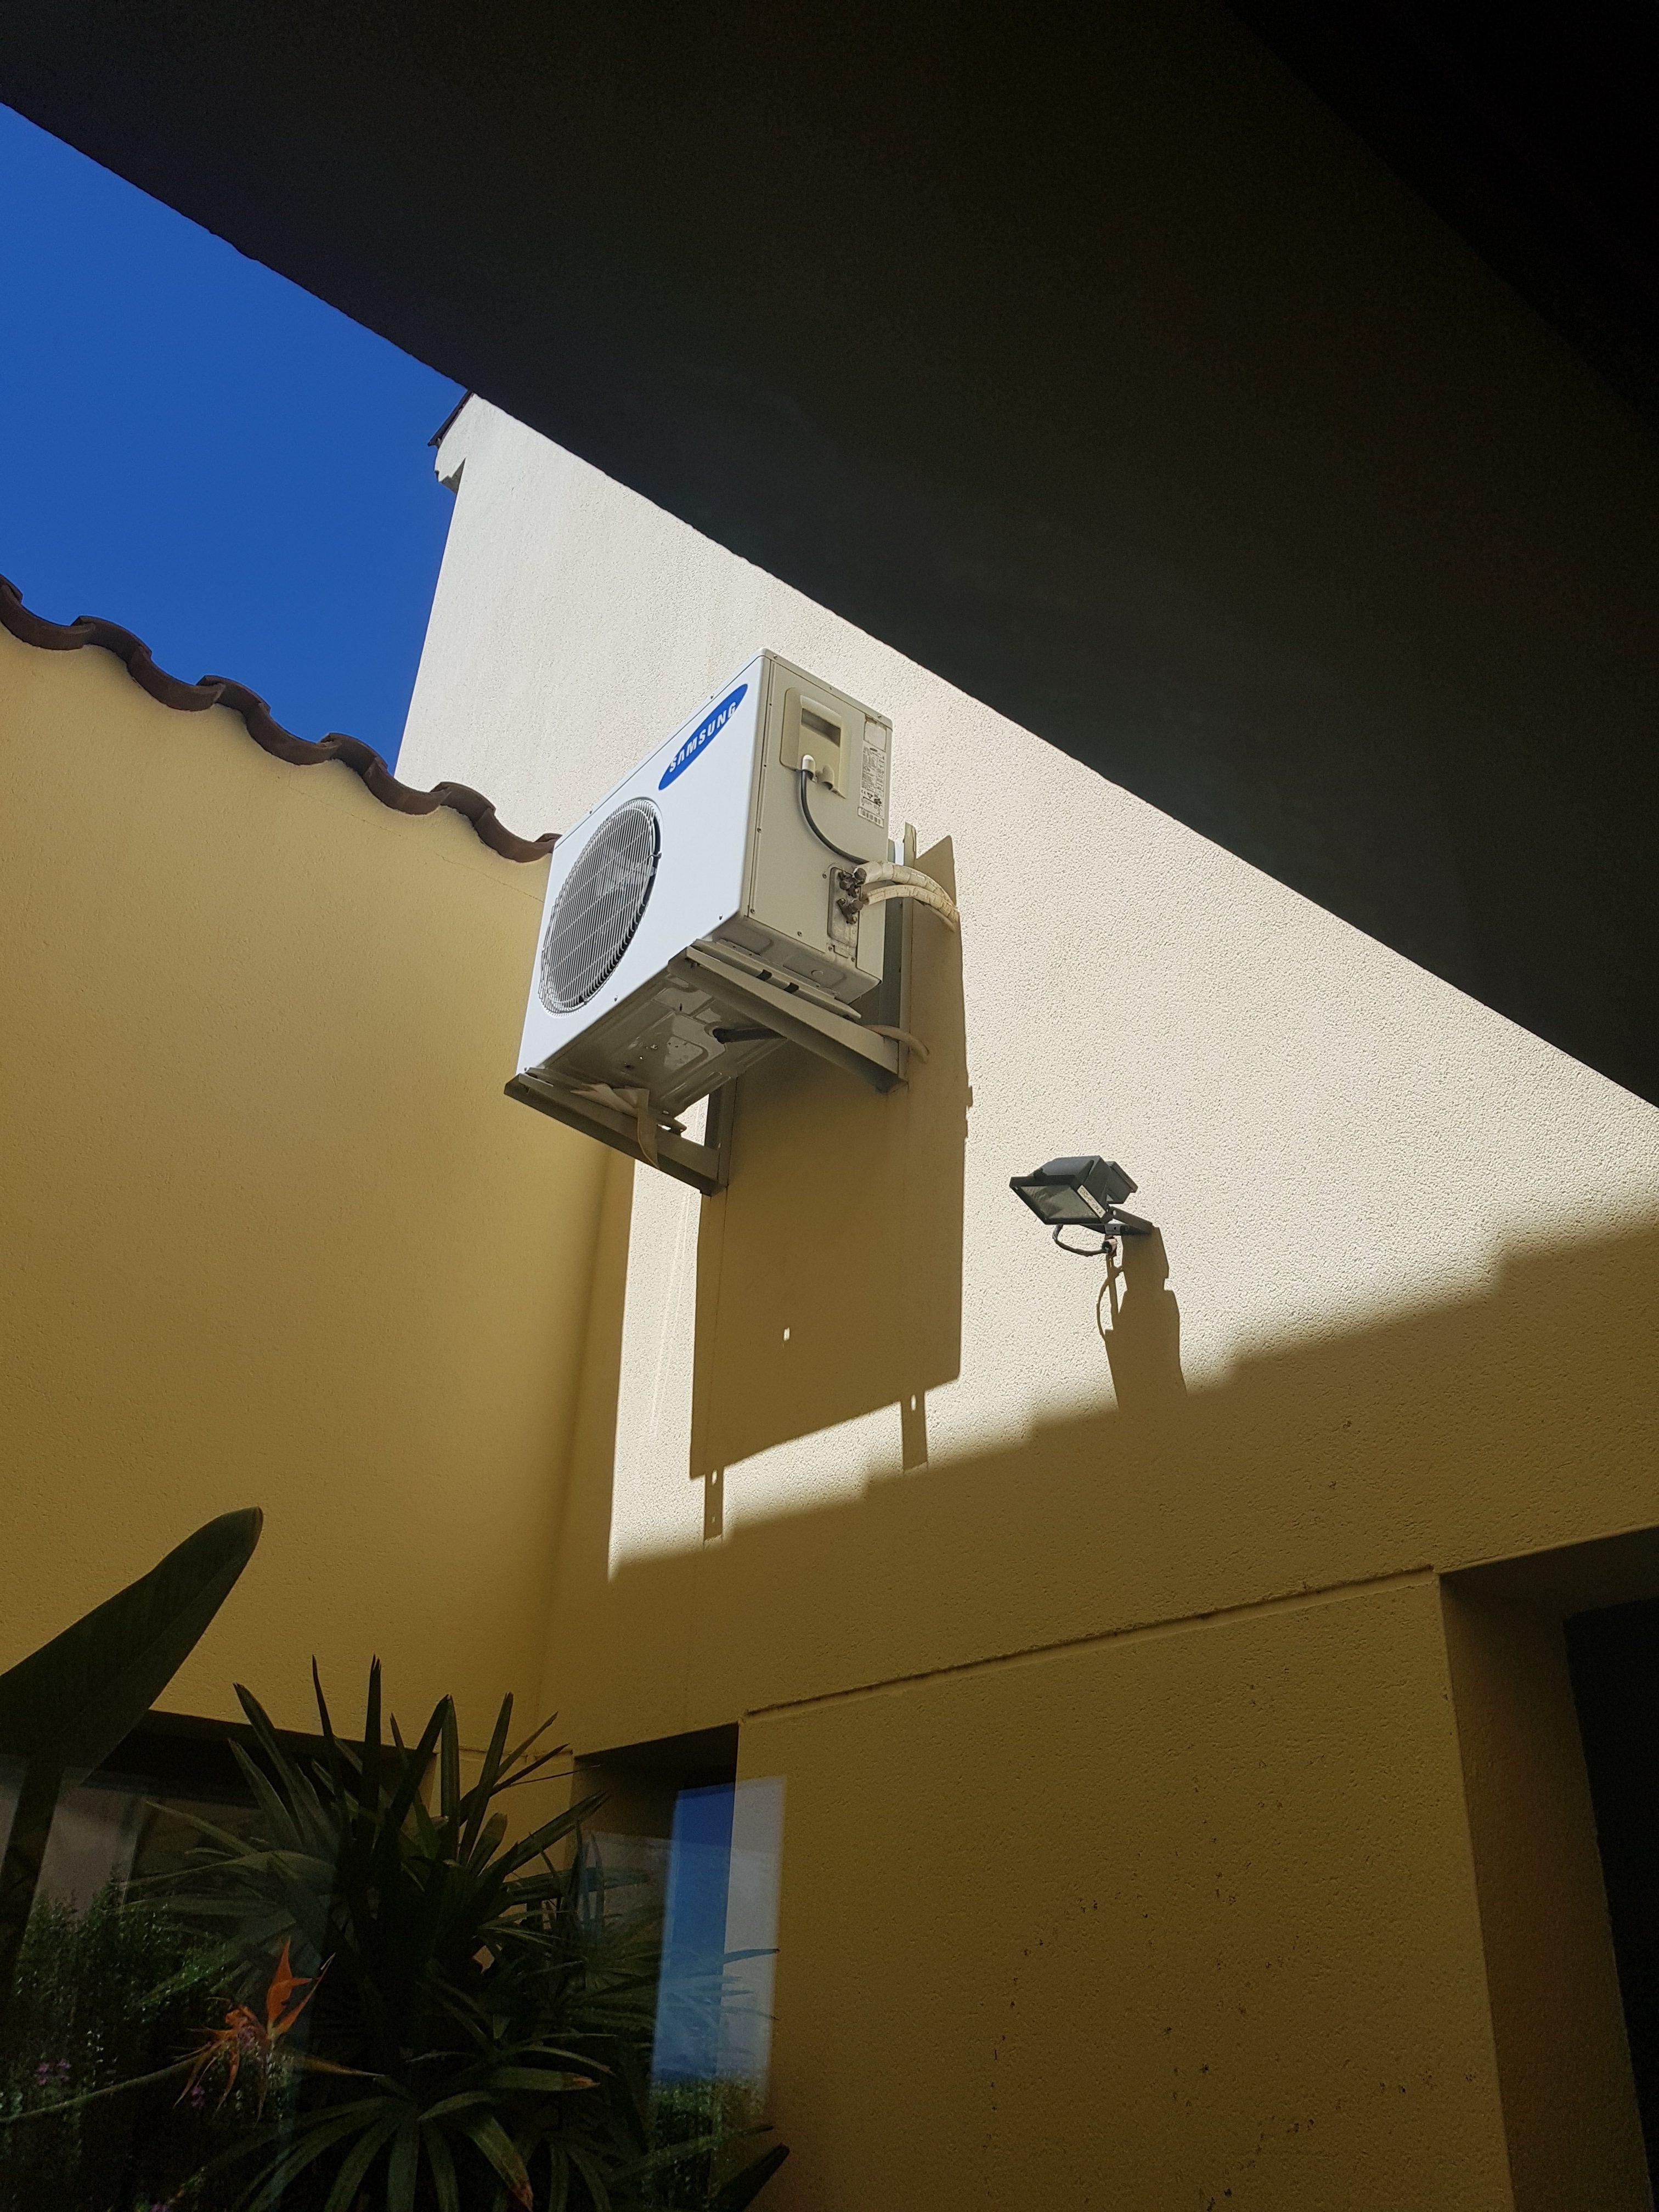 Cache Unité Extérieure Climatisation depannage climatisation paris 7 ### 09 72 12 34 98 ### sav